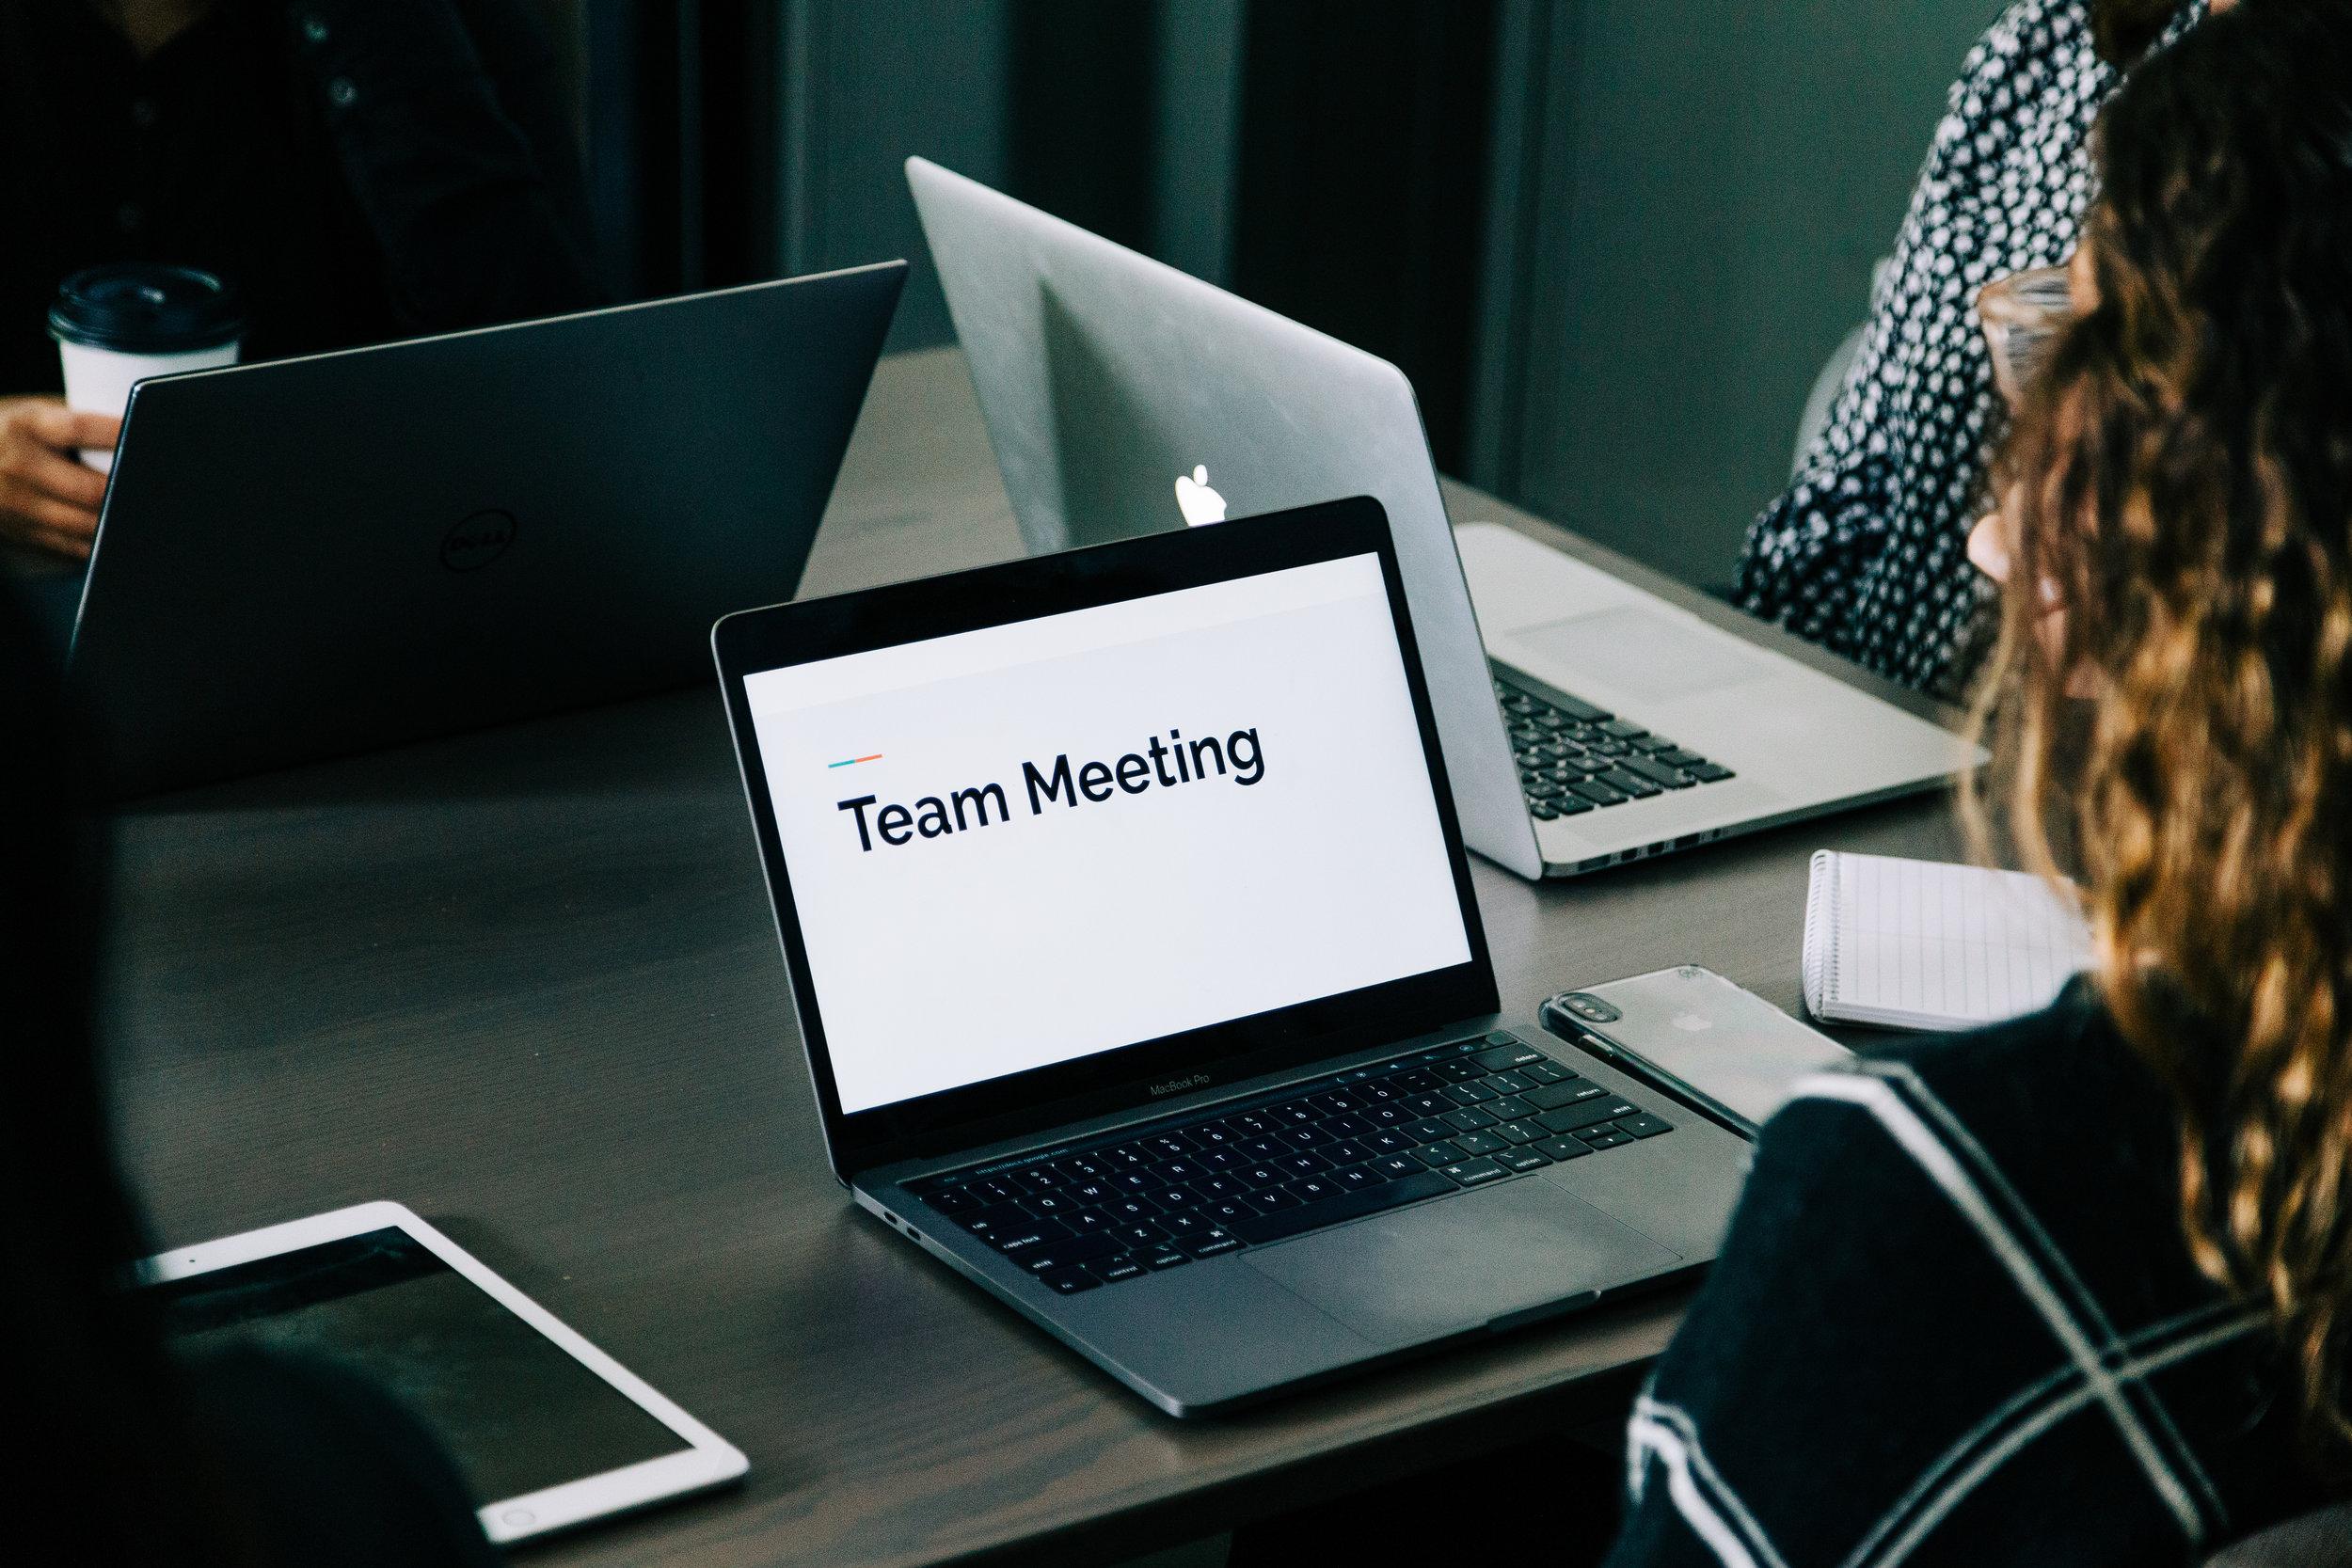 Copy of Meeting-81.jpg